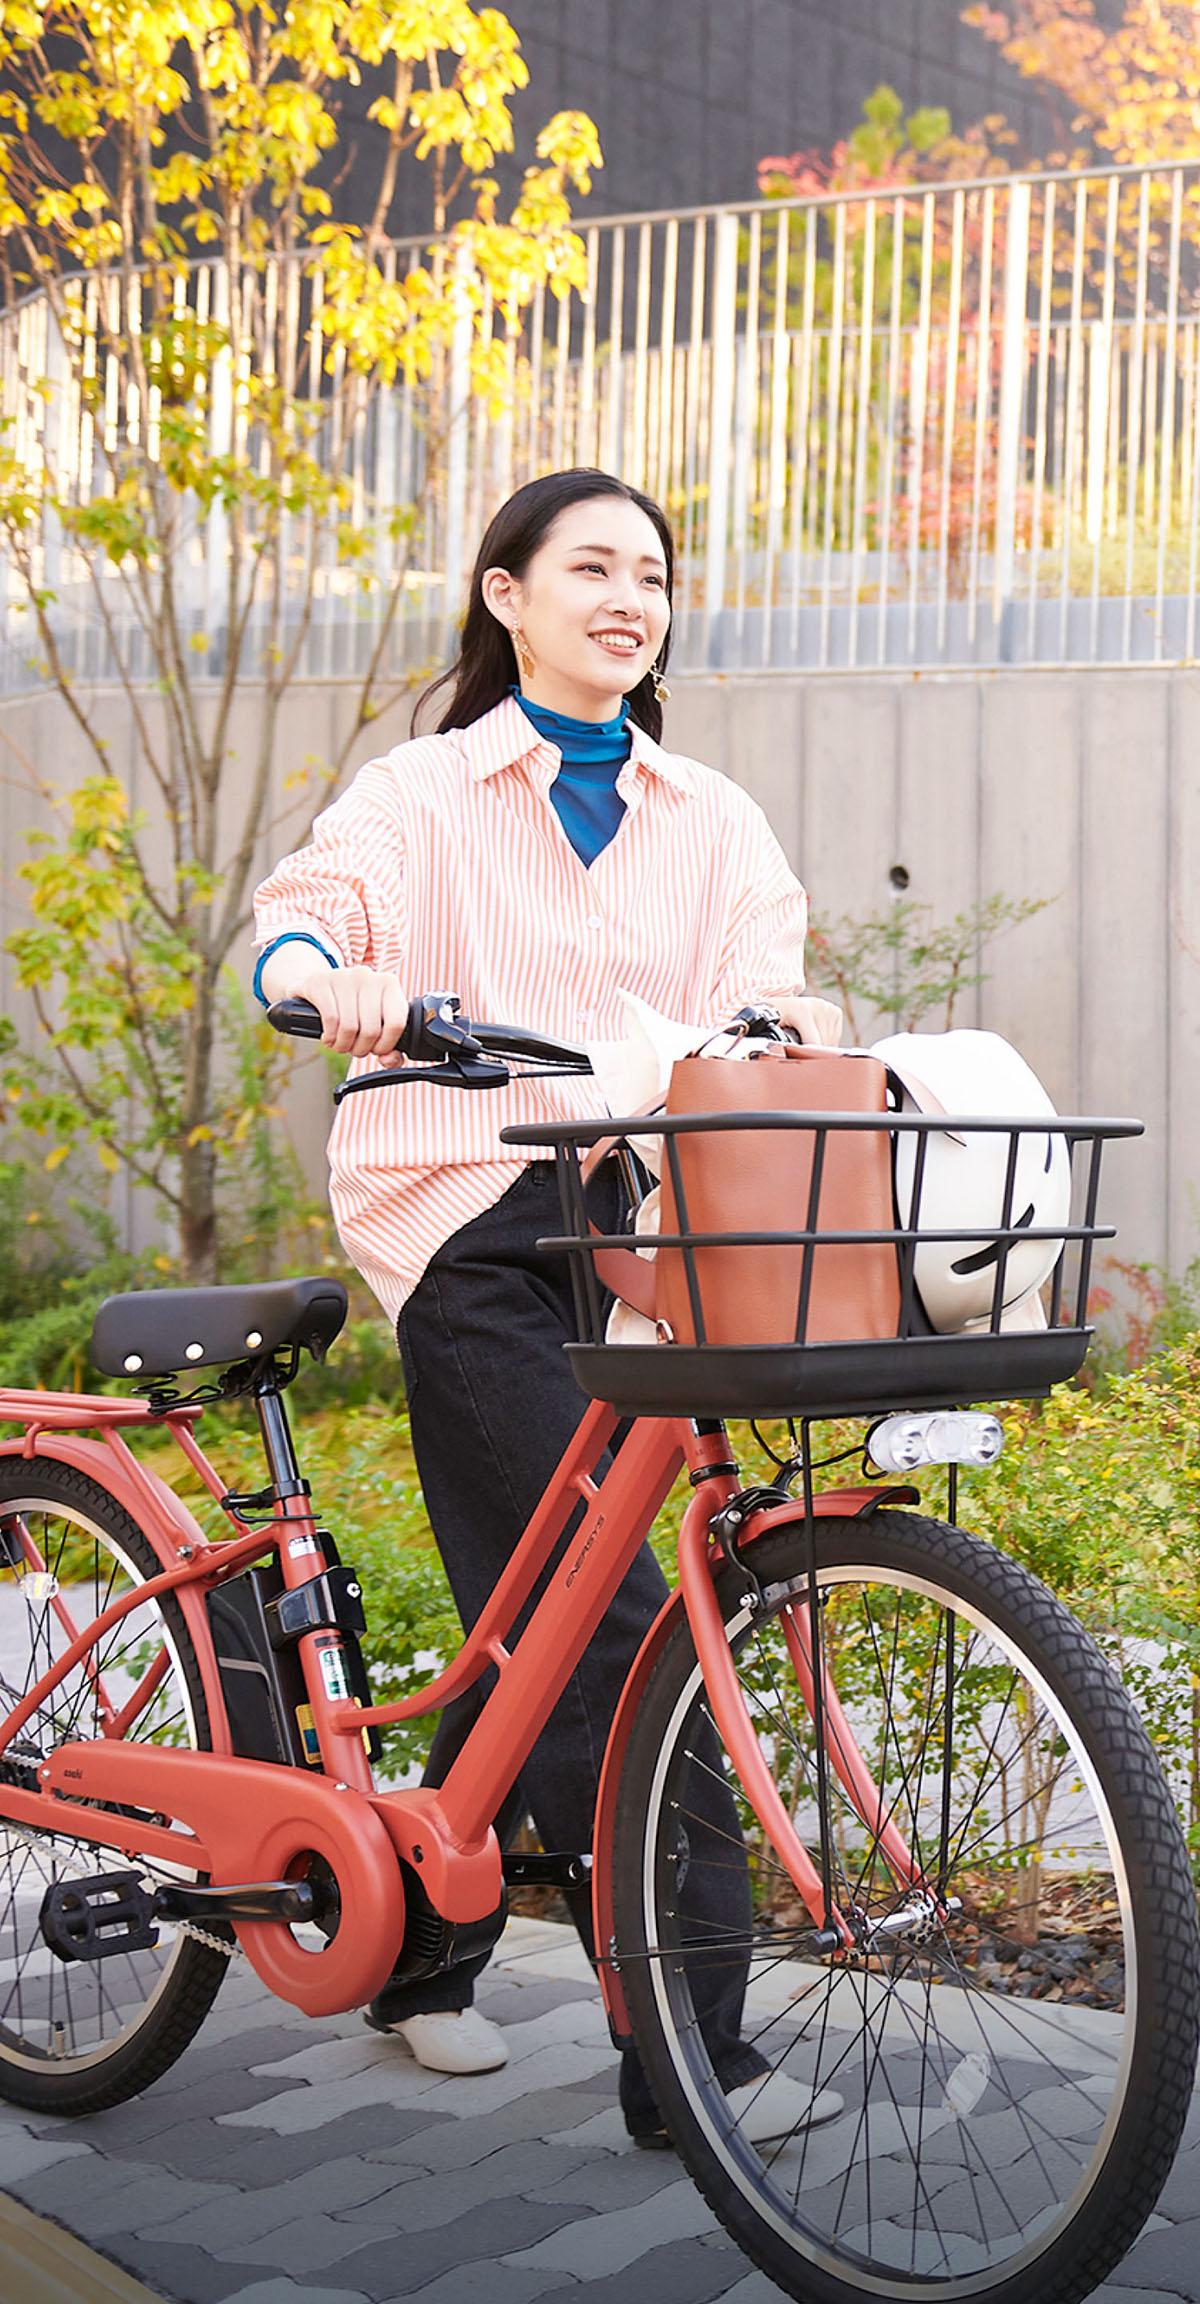 自転車 あさひ パワー 🤲フリー フリーパワー搭載シティサイクル サンライム